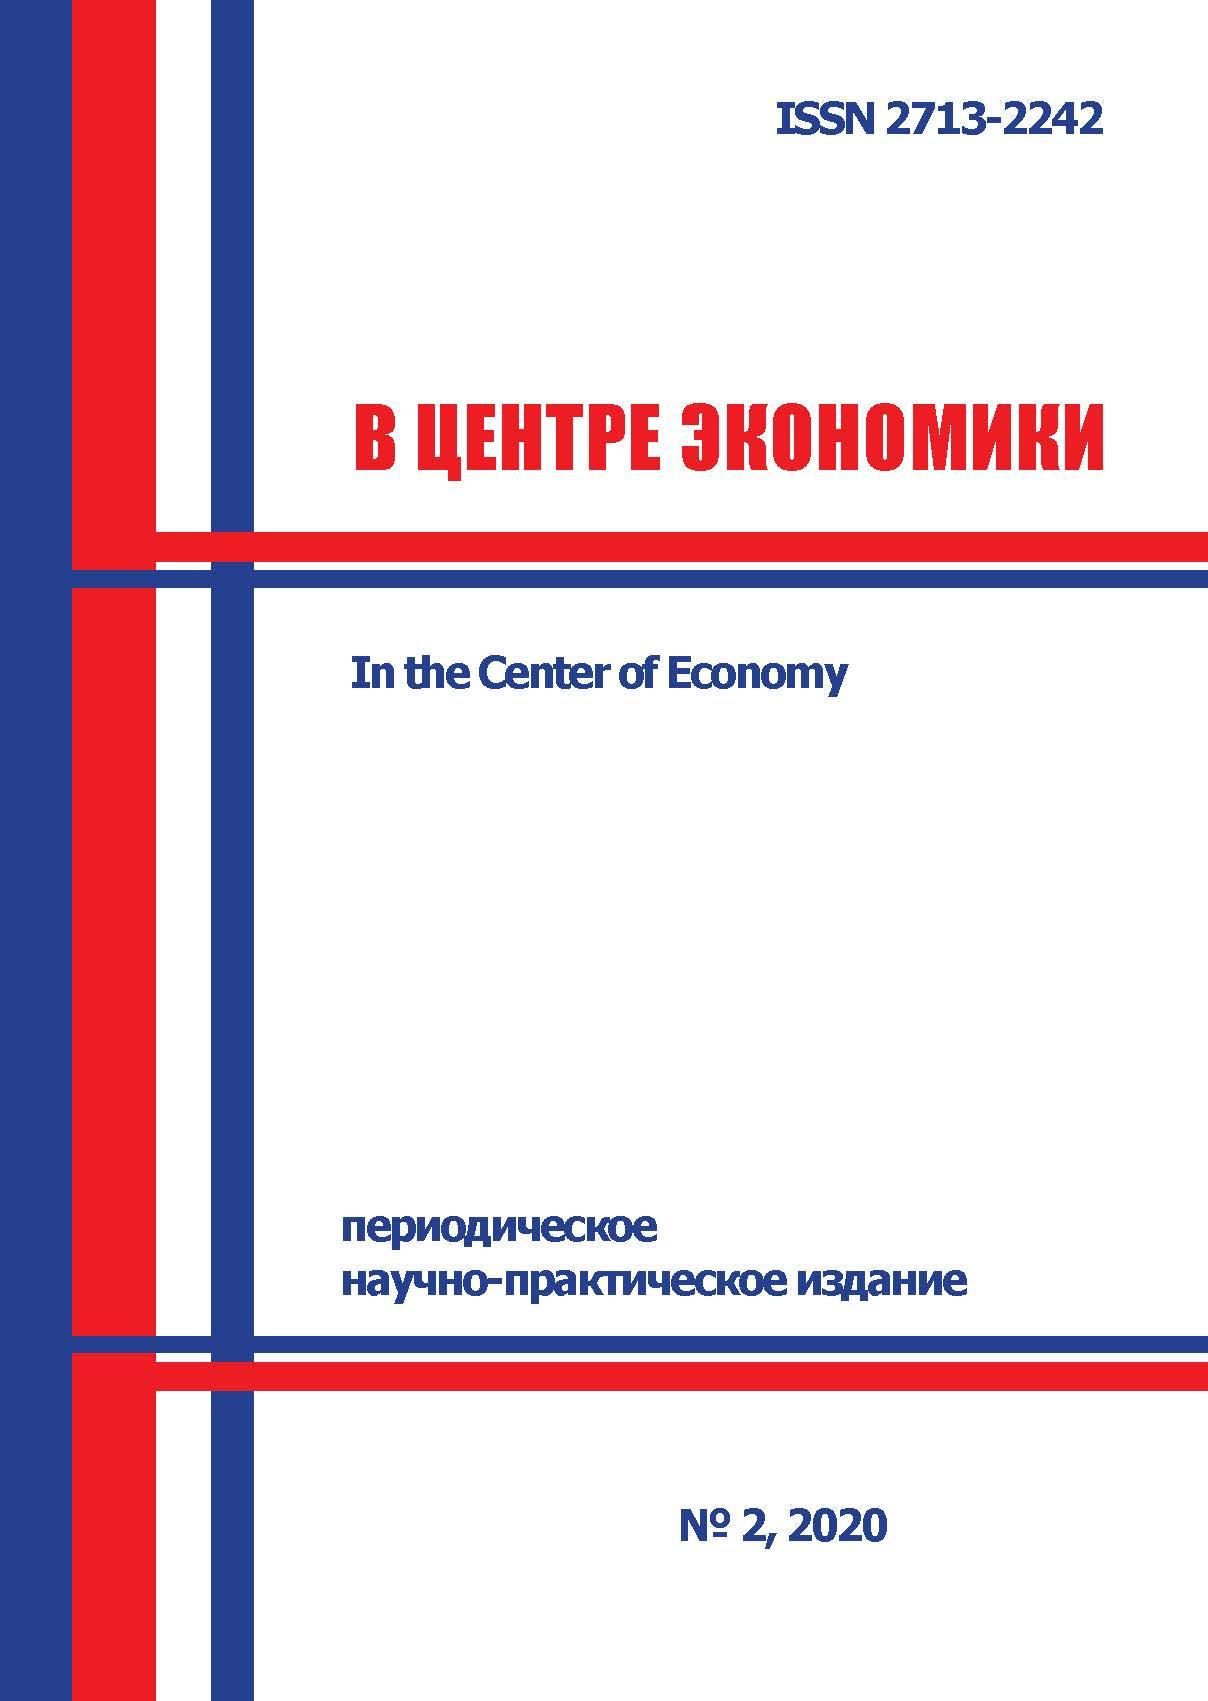 """Обложка журнала """"В центре экономики"""" №2, 2020"""